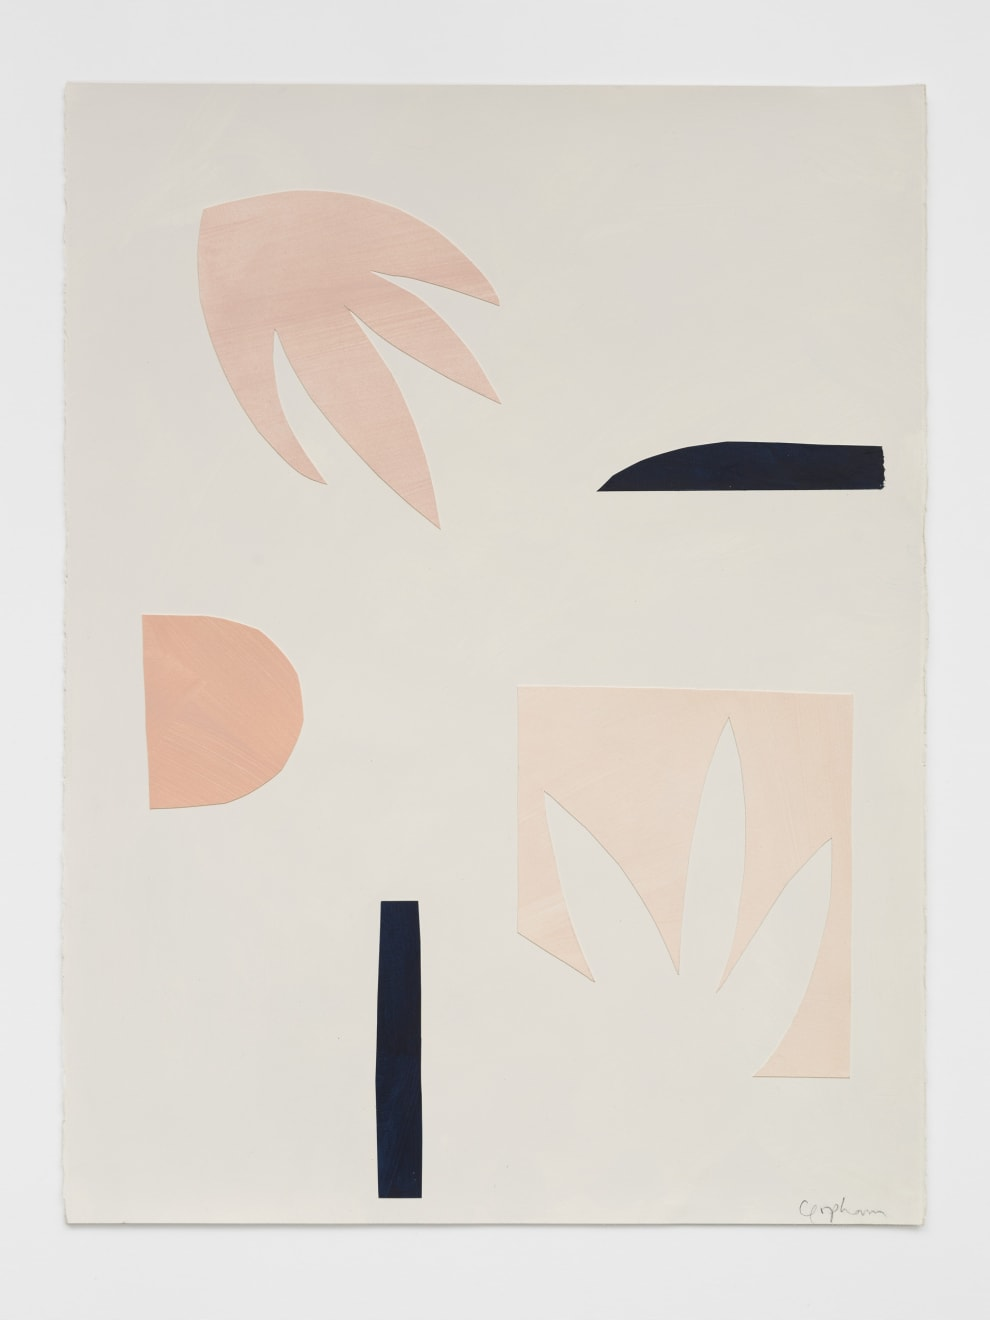 Caroline Popham, Untitled 19-66, 2019